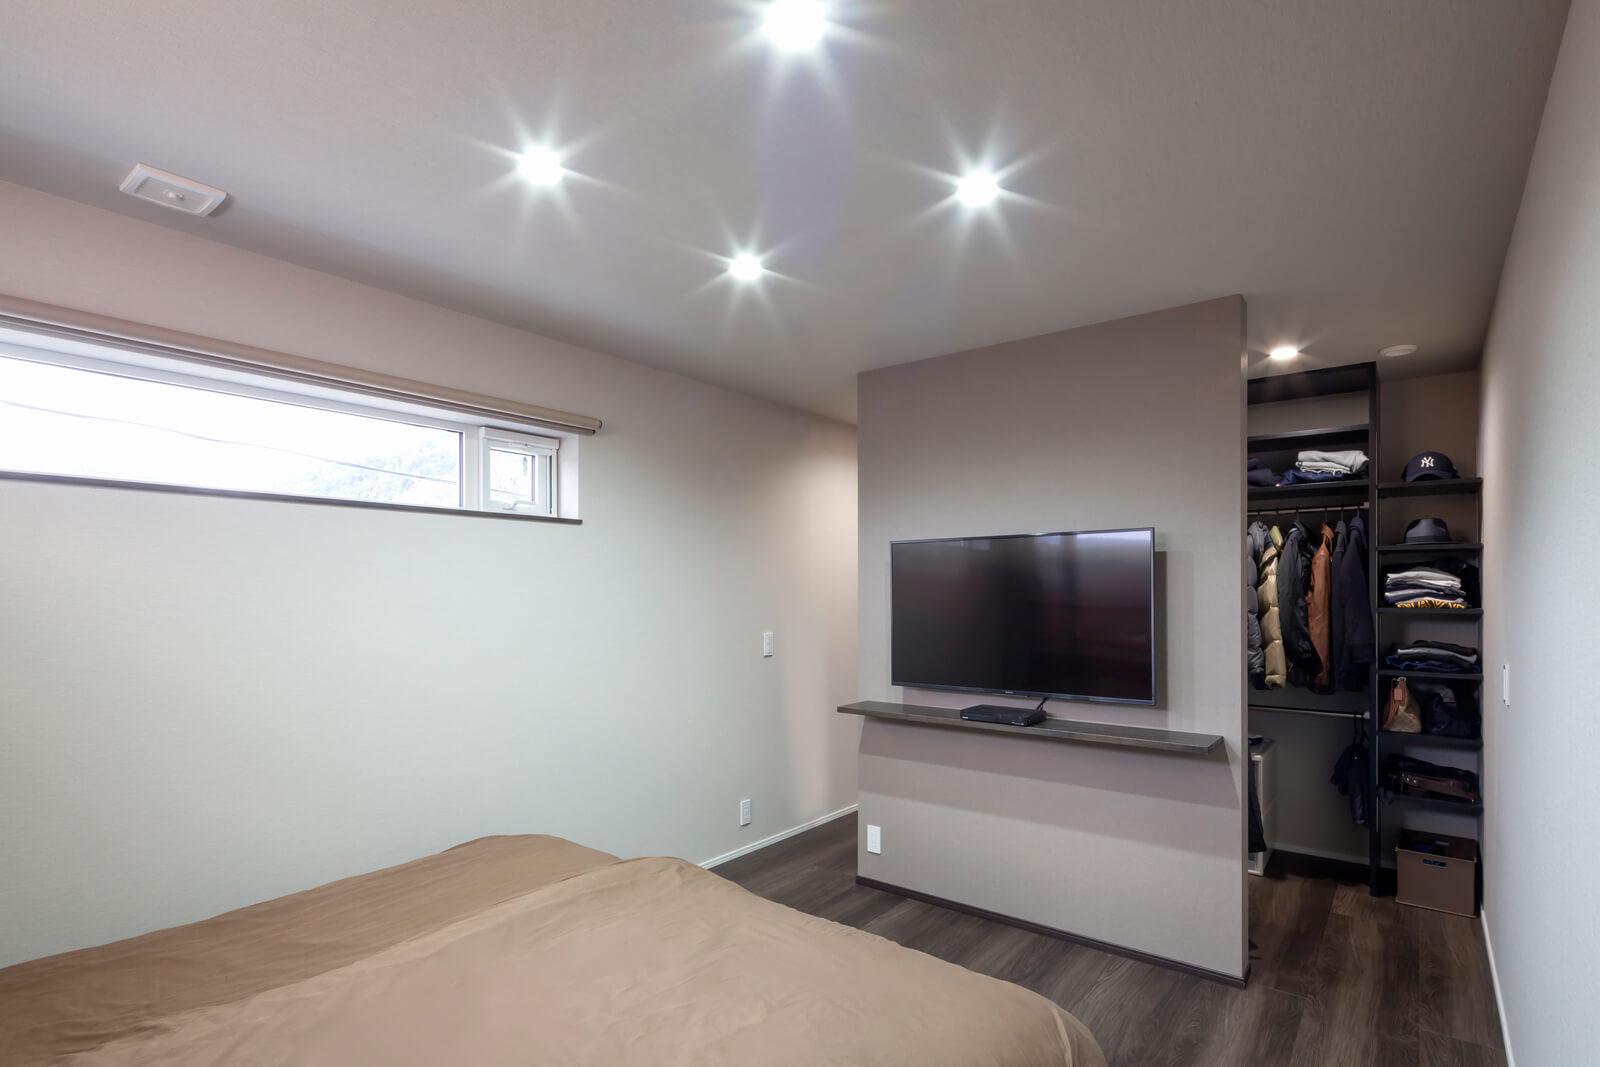 落ち着き感あふれる主寝室。壁の奥には大容量のウォークインクローゼットが備わる